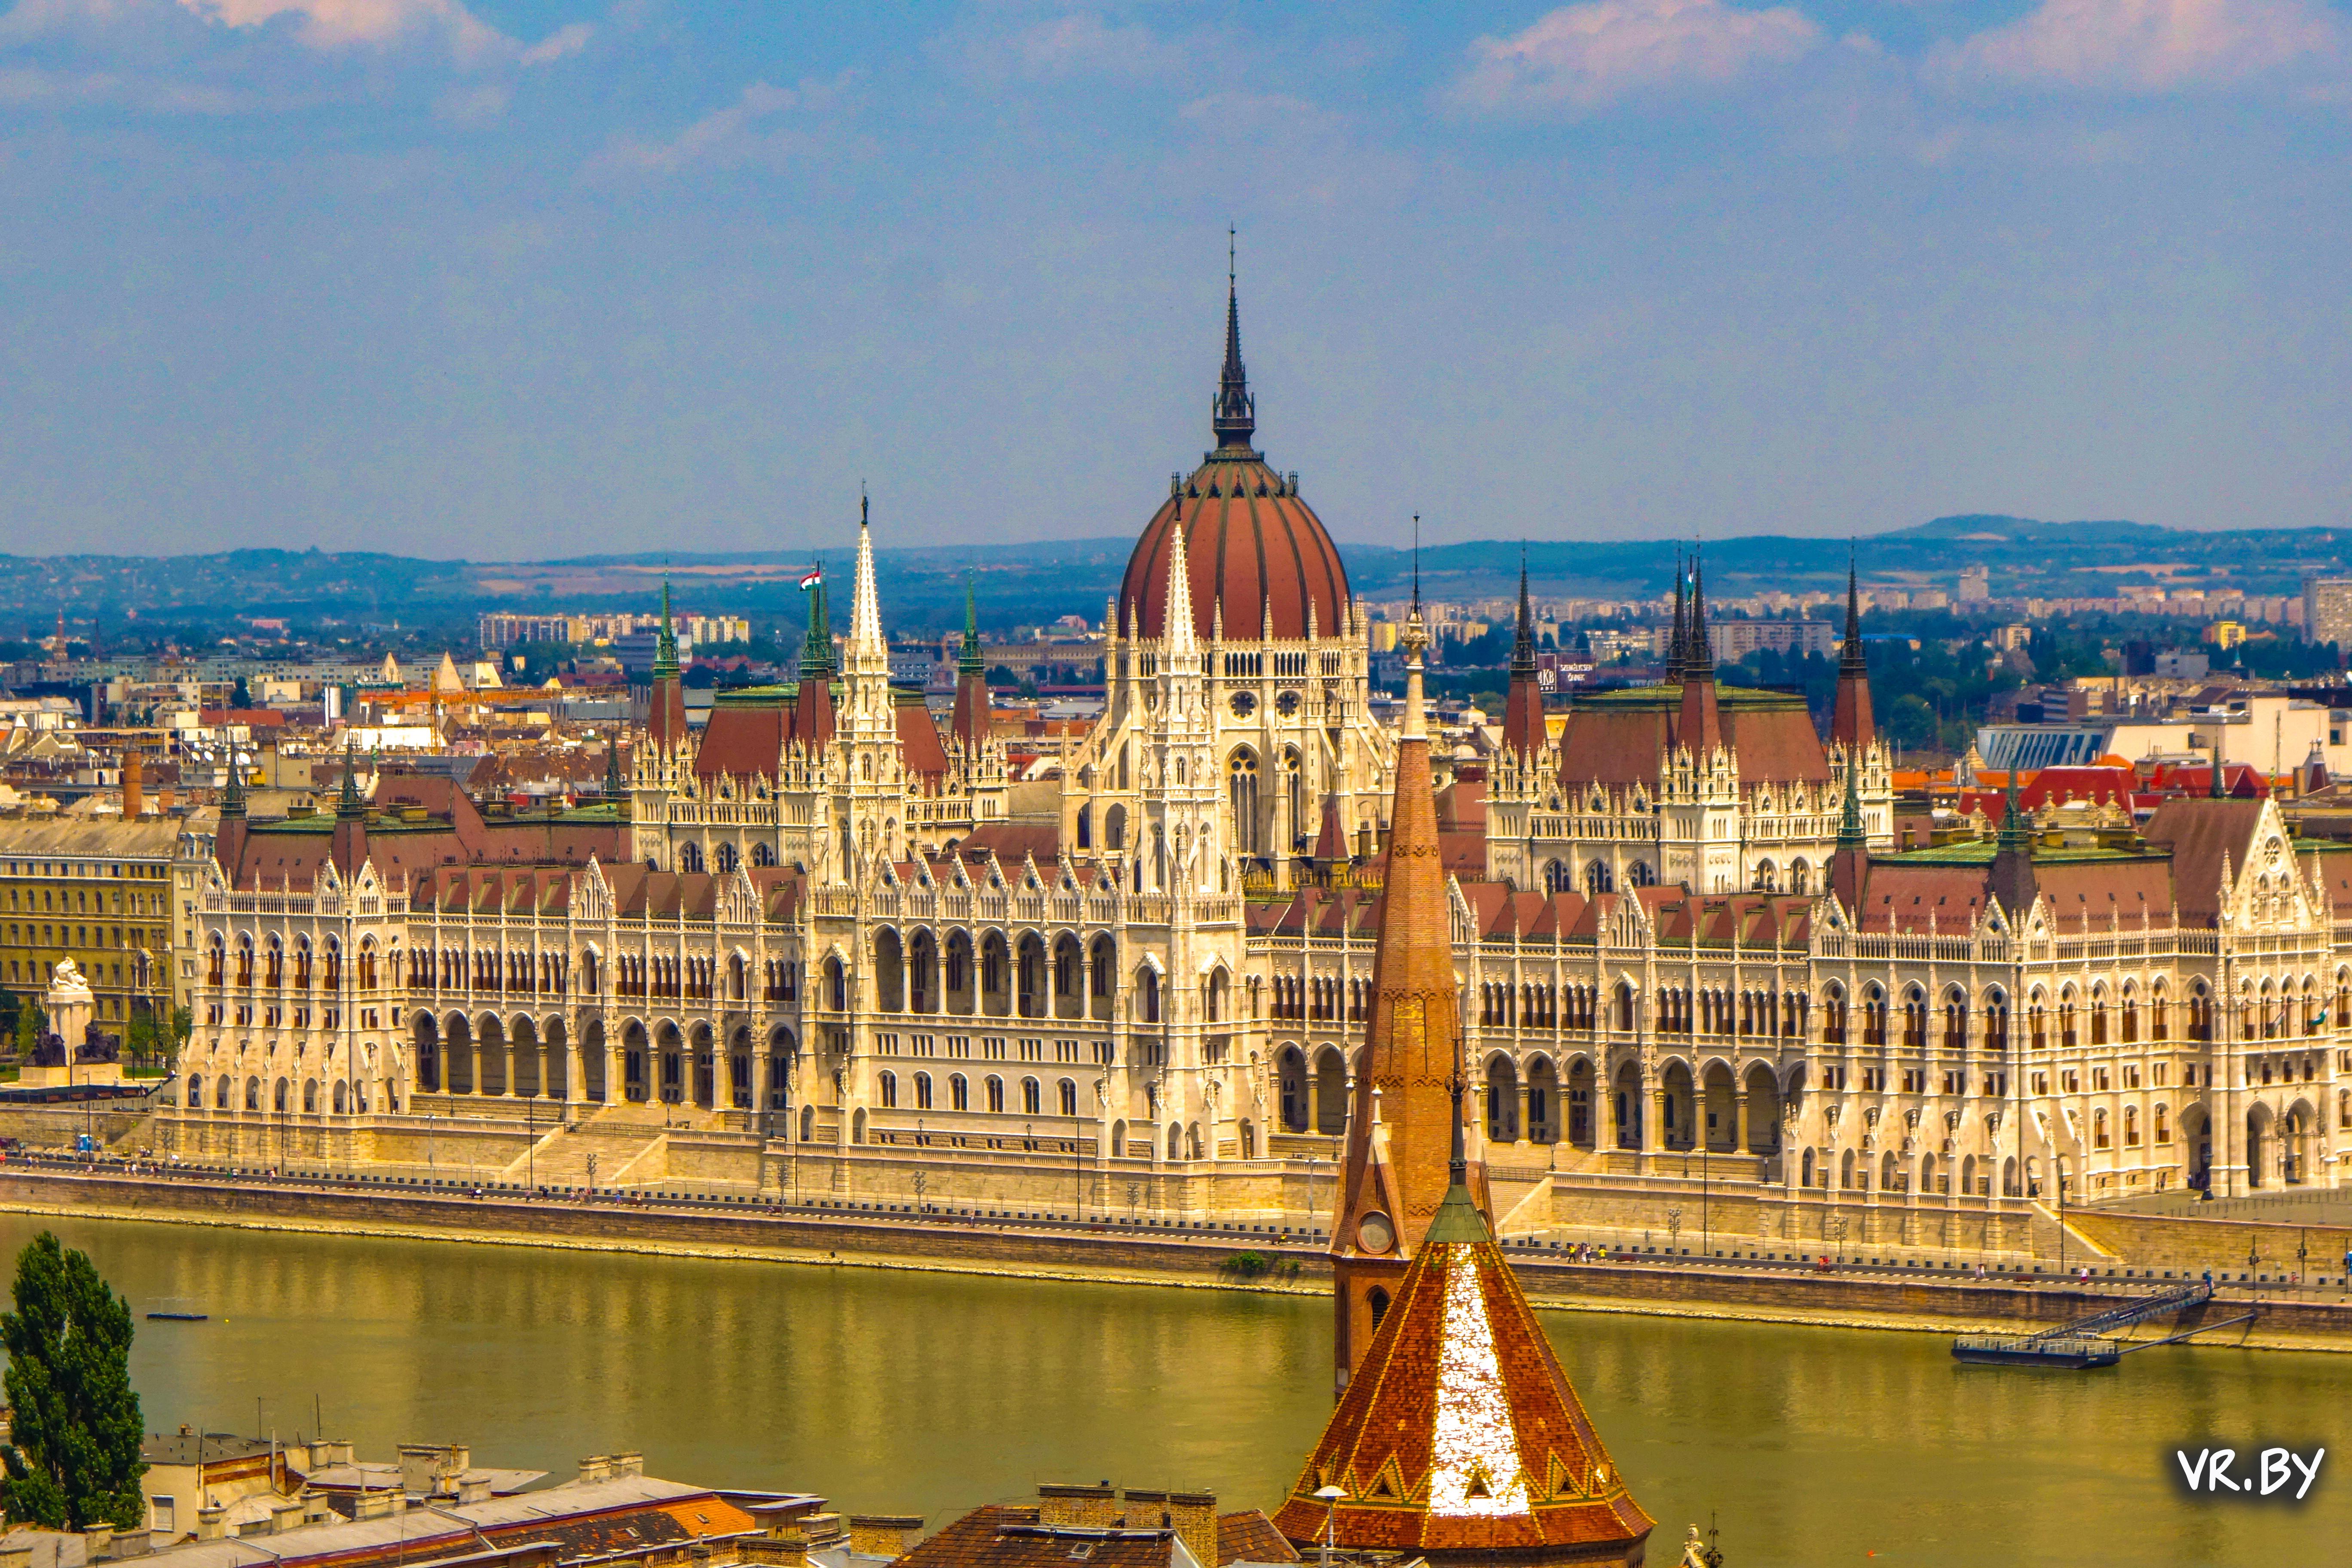 тур в венгрию на 5 дней